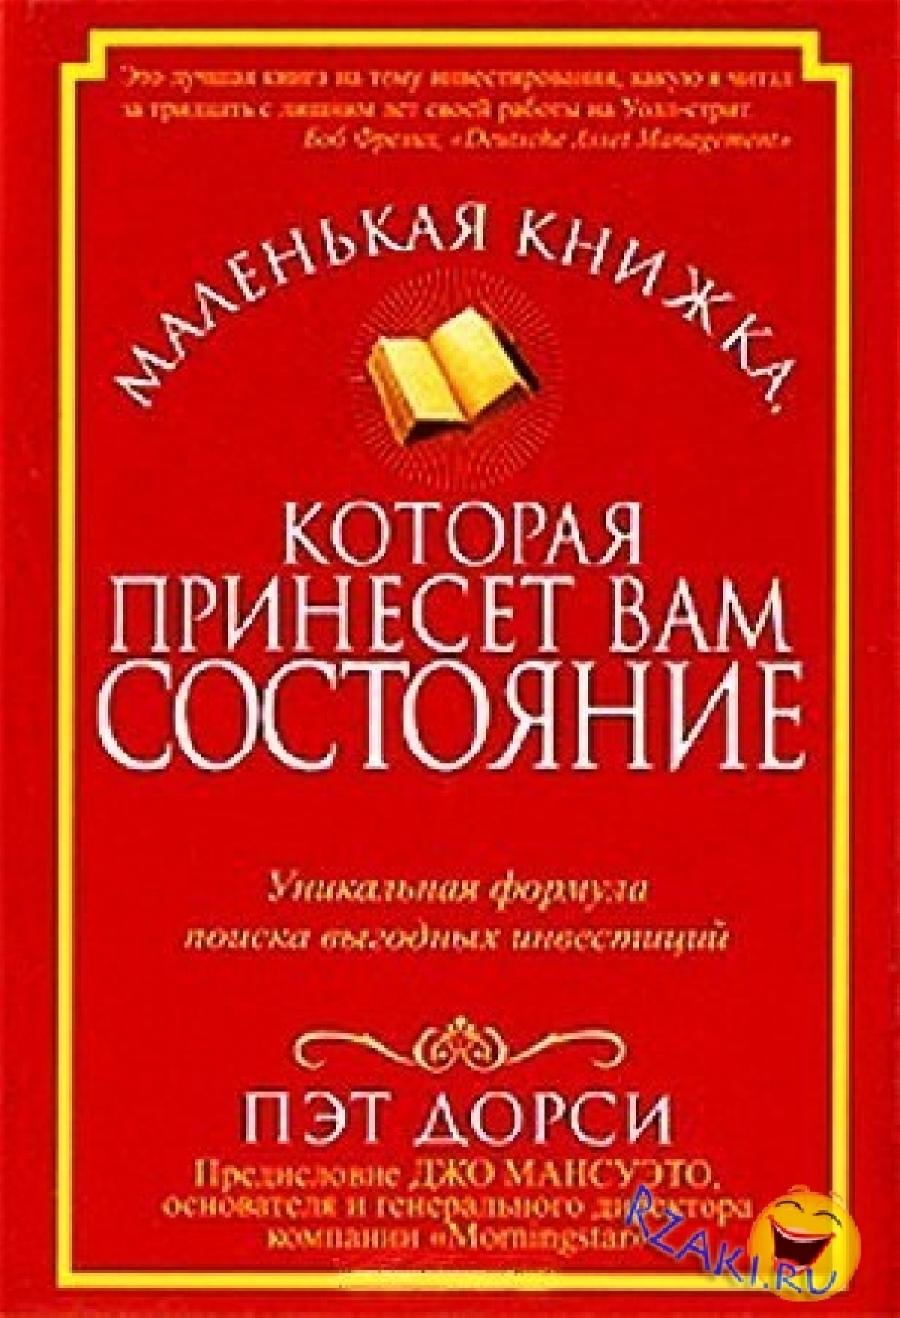 Обложка книги:  пэт дорси - маленькая книжка, которая принесет вам состояние